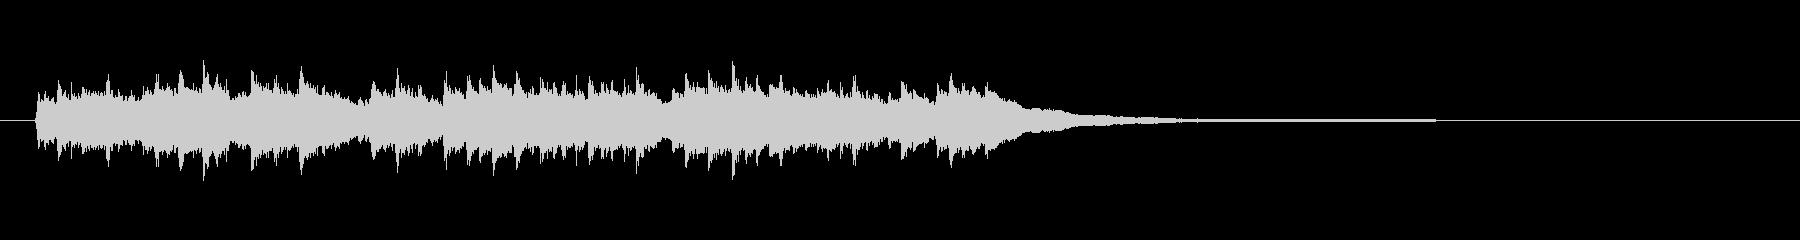 低アラームベルリングアラーム;ベルの未再生の波形